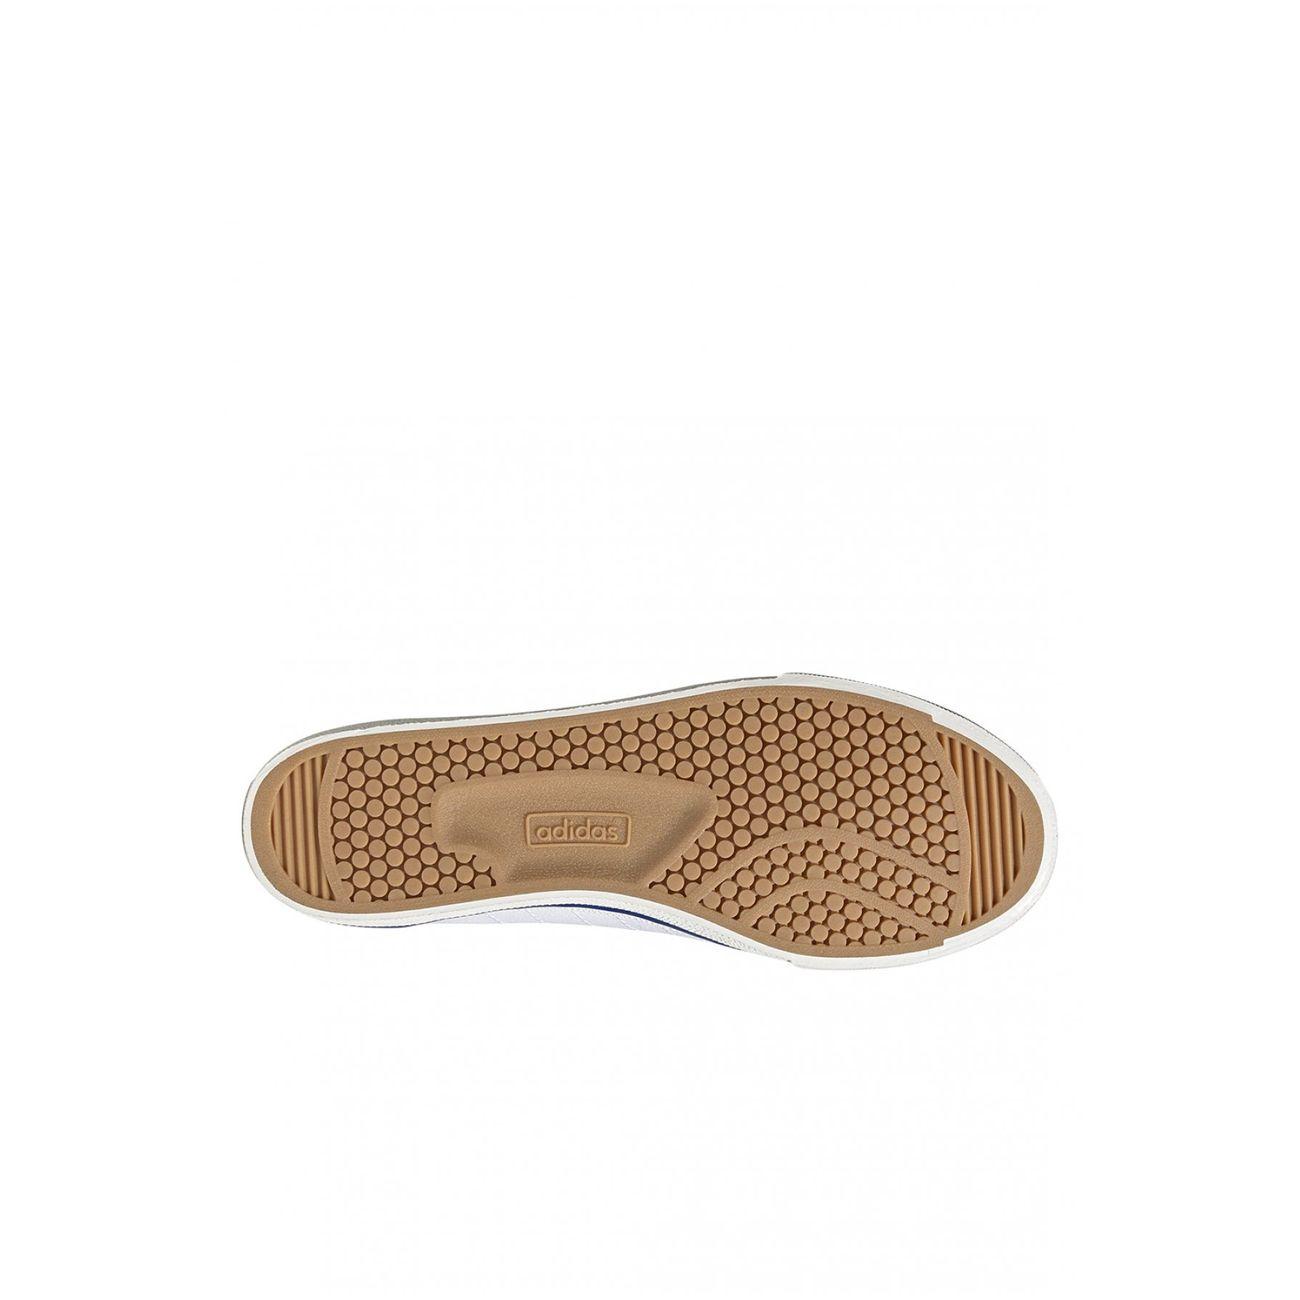 homme ADIDAS Sneakers en toile Love Set - Adidas - Homme